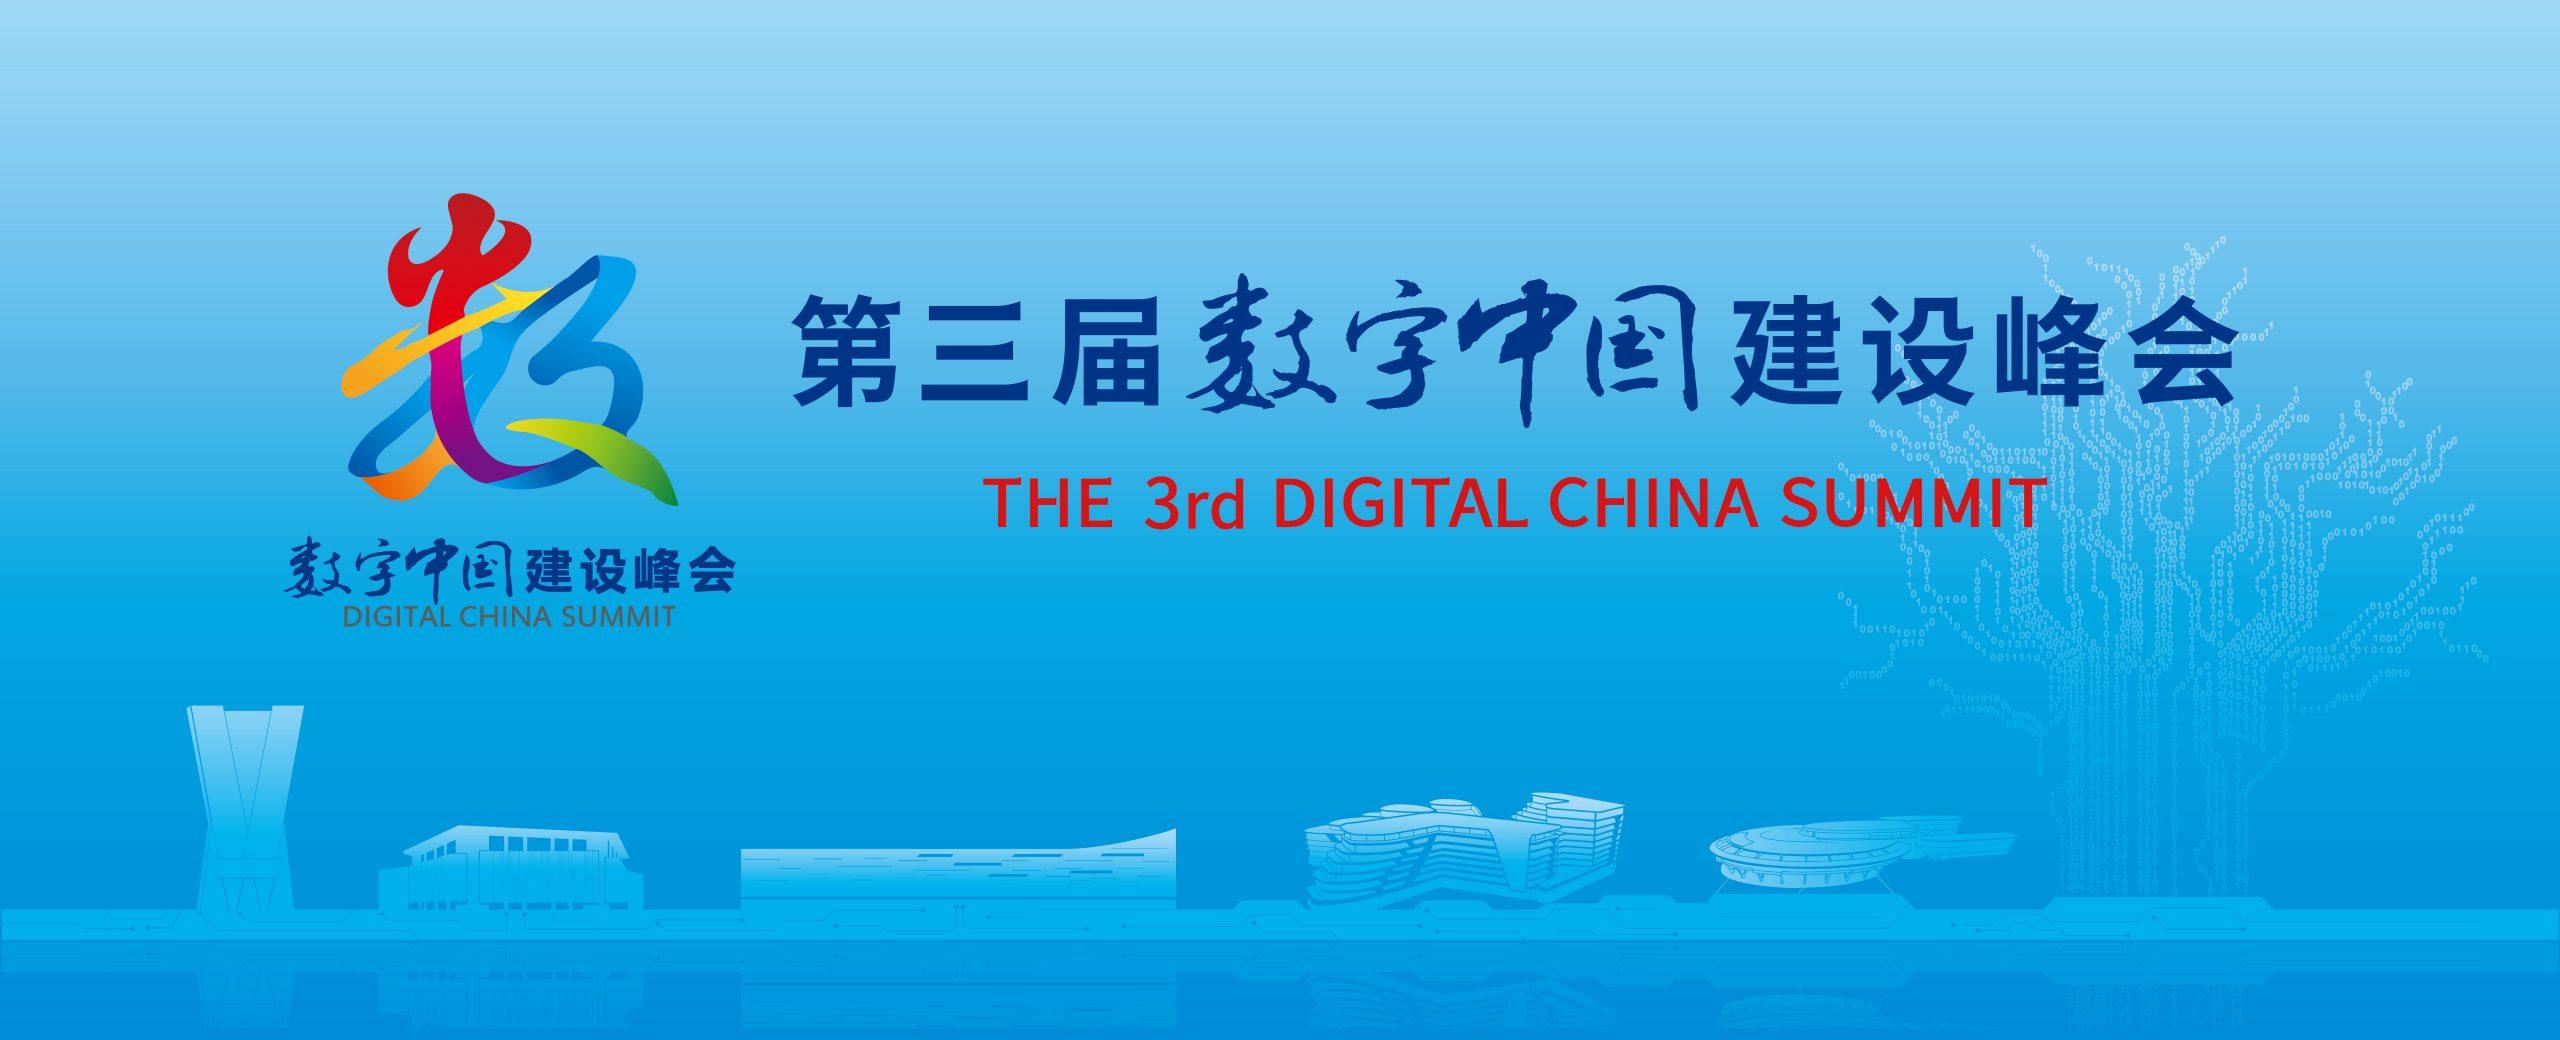 2020年第三届数字中国建设峰会将于4月16日在福州召开